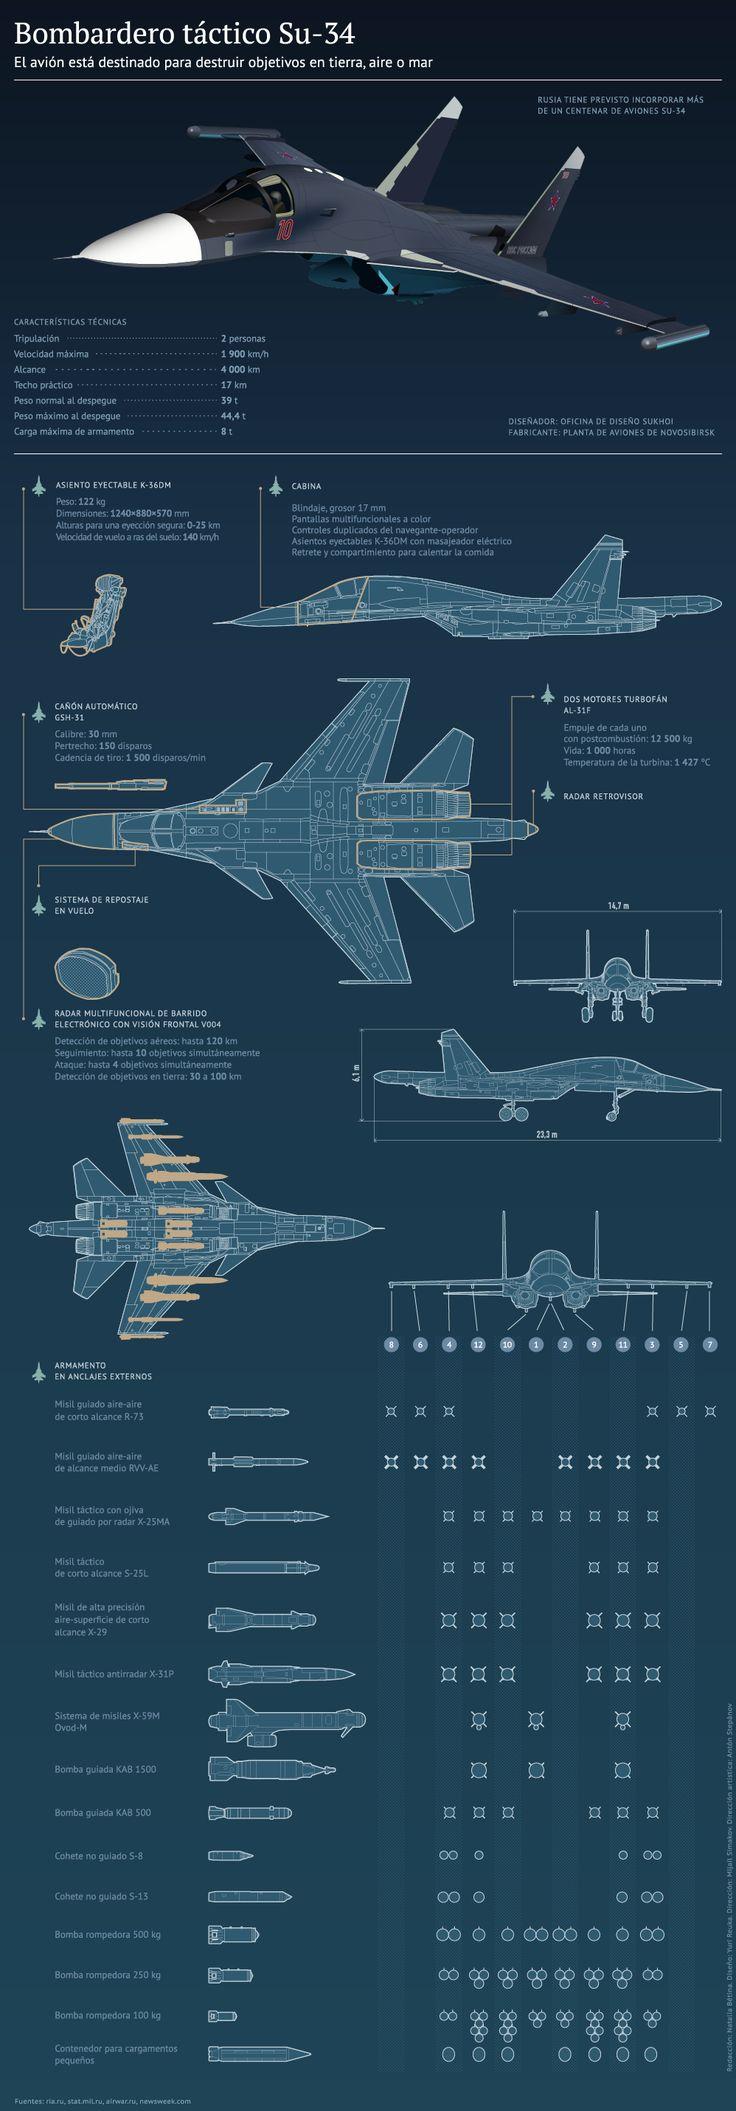 Varios países hacen cola para comprar los modernos aviones de combate rusos - RT